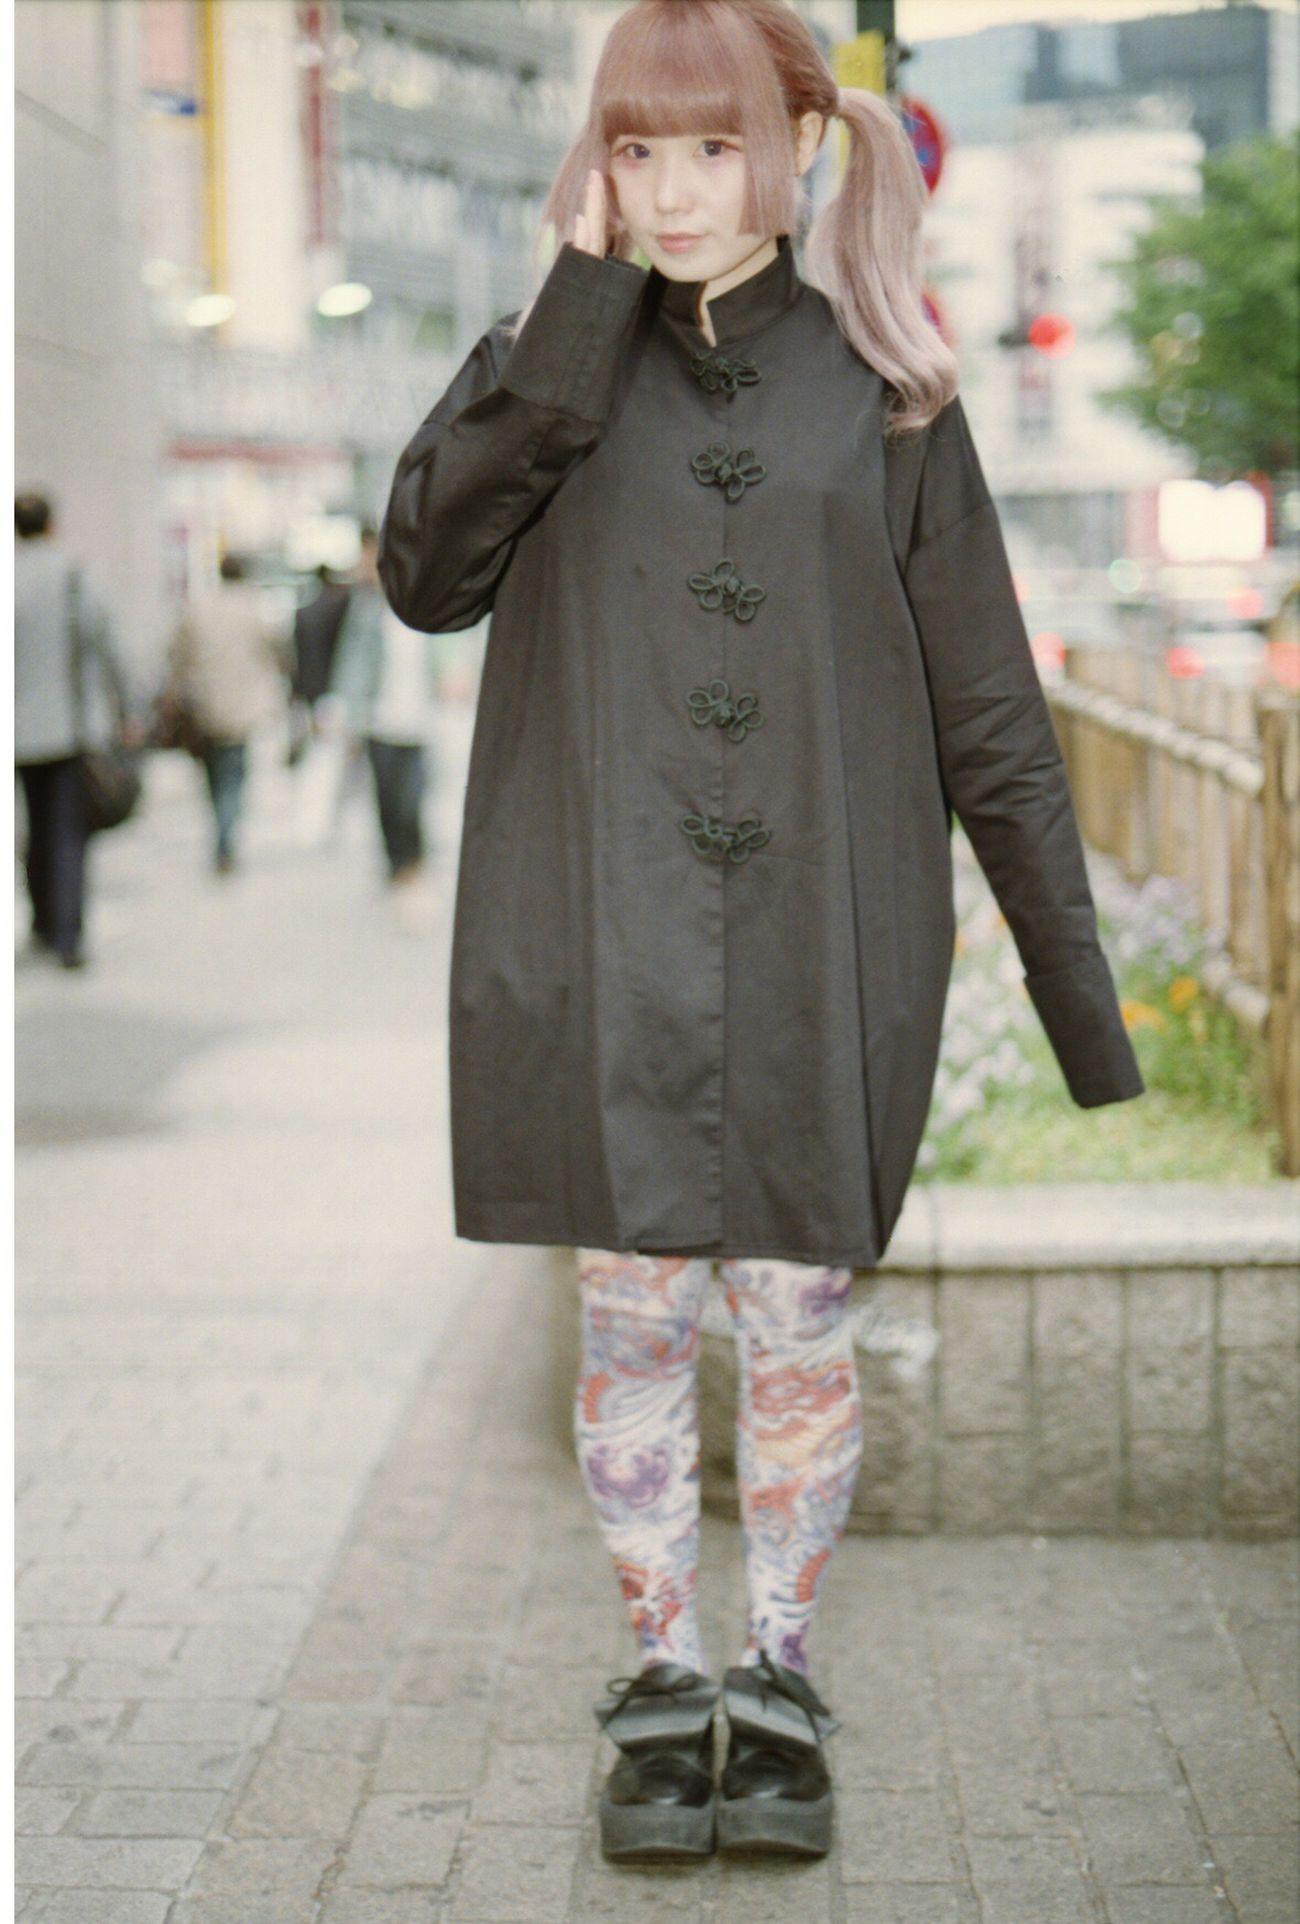 ぽこあぽこスタッフスナップ チャイナ服にそれっぽいタイツを履いてみたらエキゾチックでミステリアスな雰囲気 #ぽこあぽこ #タイツ #tights #shibuya109 http://goo.gl/avNXpA ぽこあぽこ タイツ Pocoapoco Tights Shibuya109 マルキュー